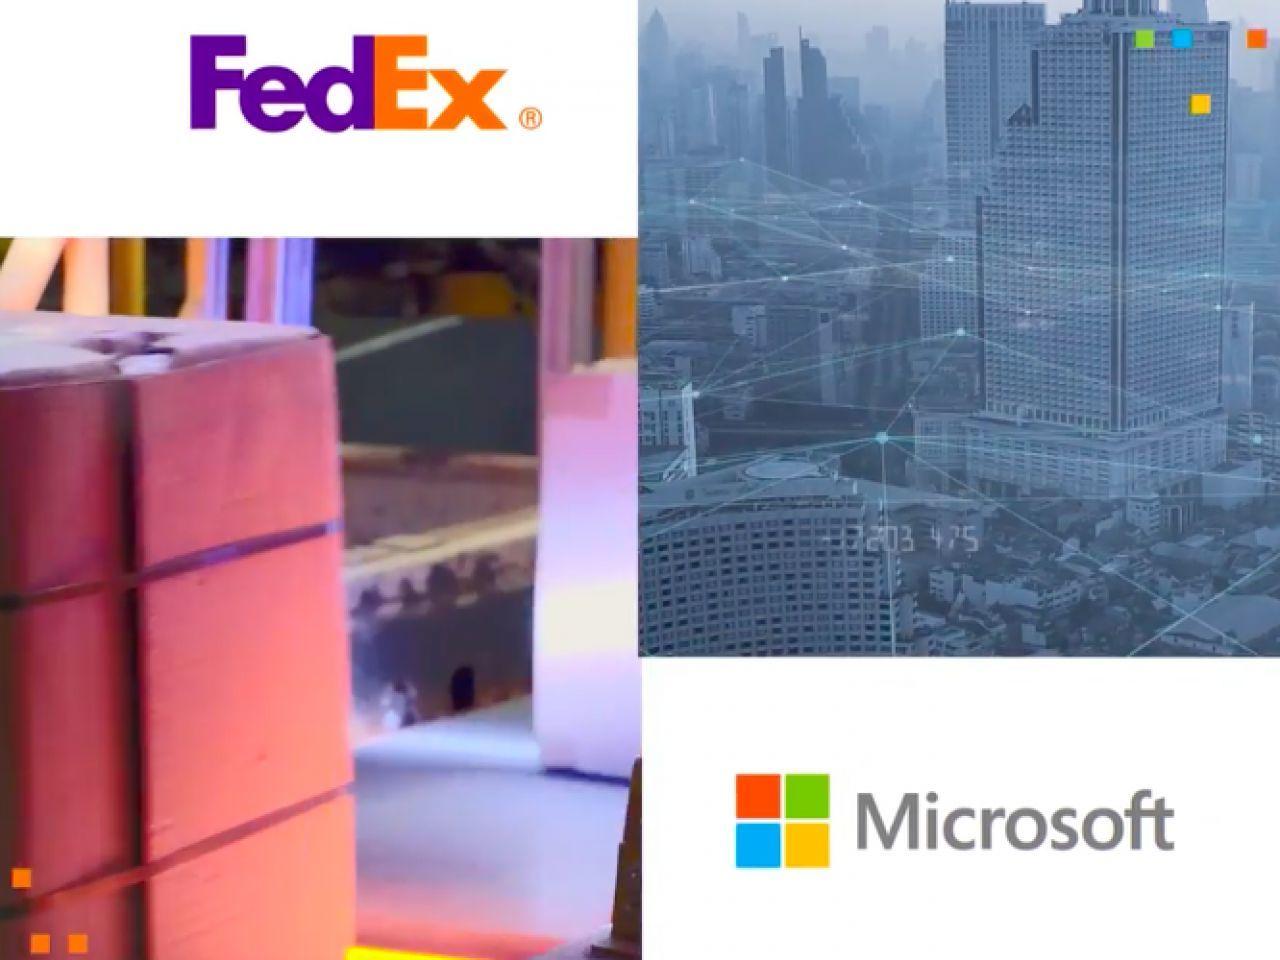 マイクロソフトとFedExが提携、サプライチェーンや物流ネットワークの向上目指す